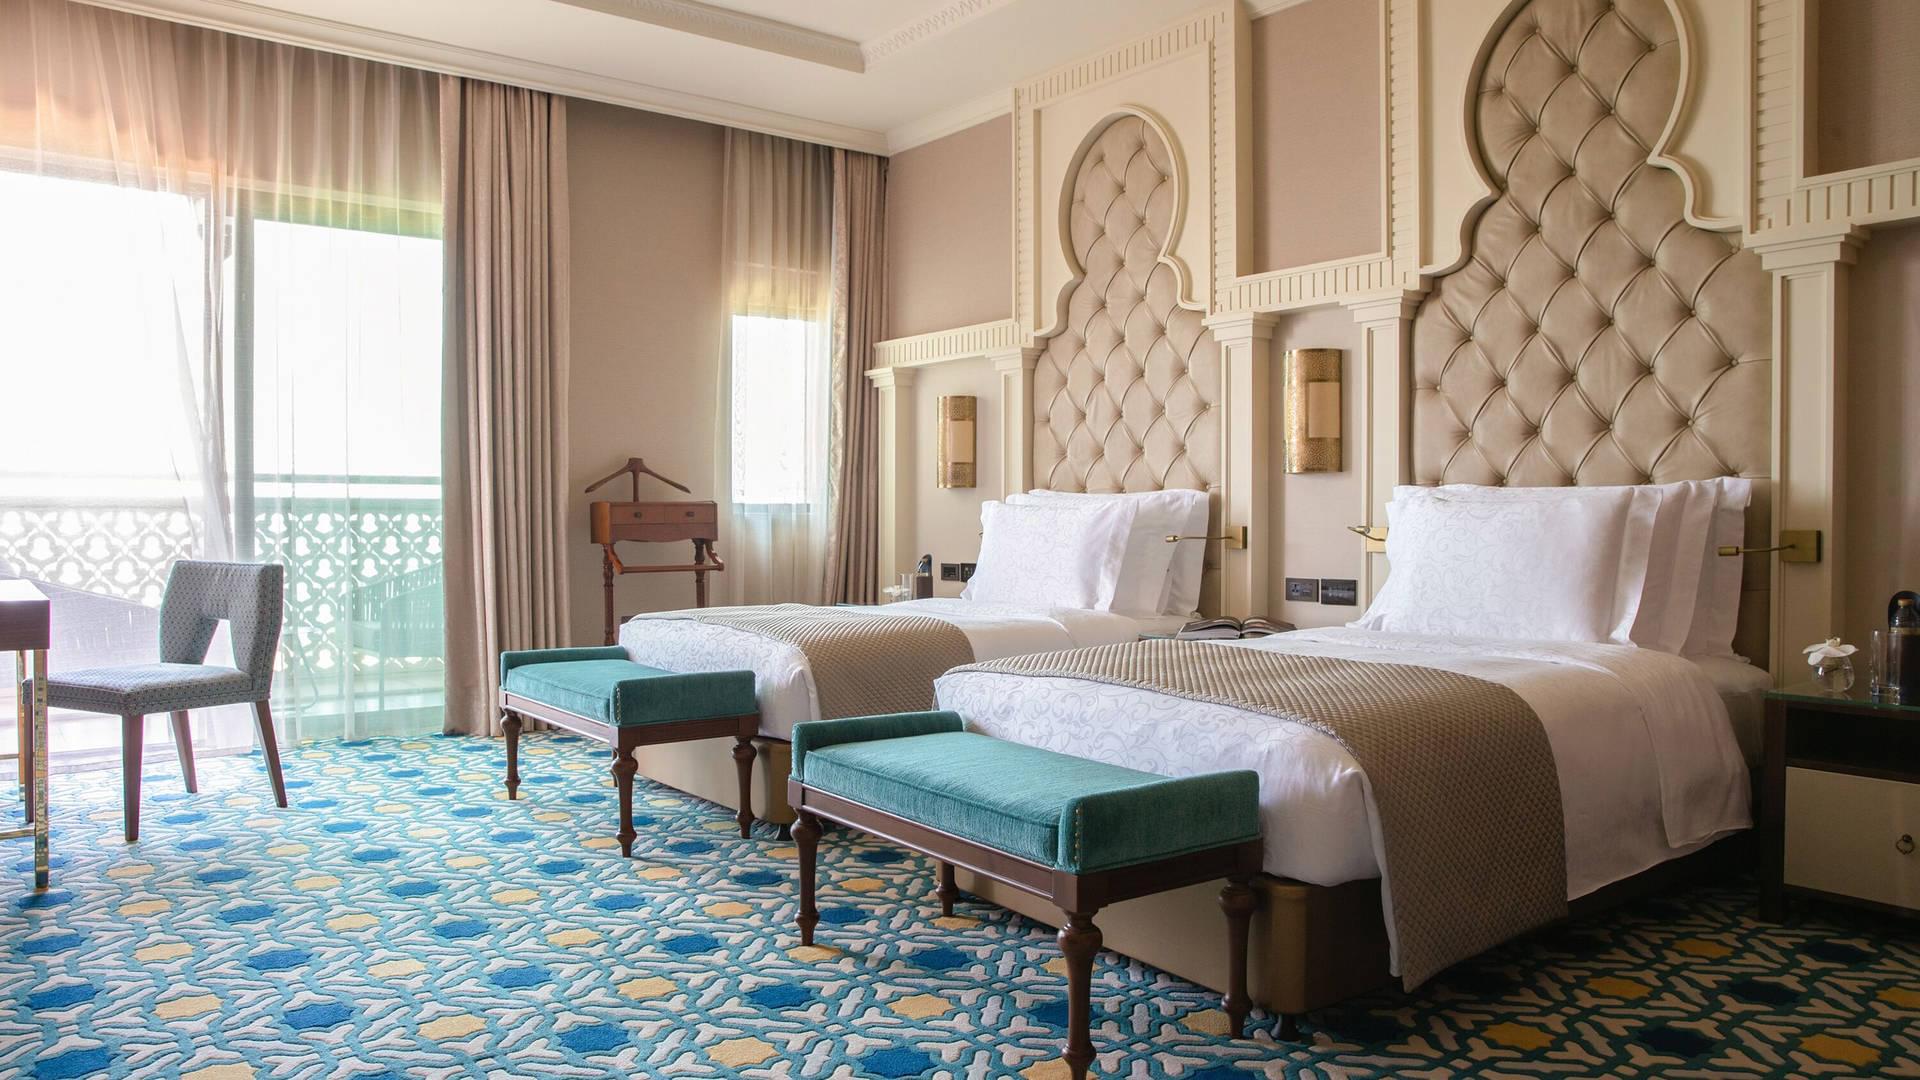 Presidentail suite 2-bedroom